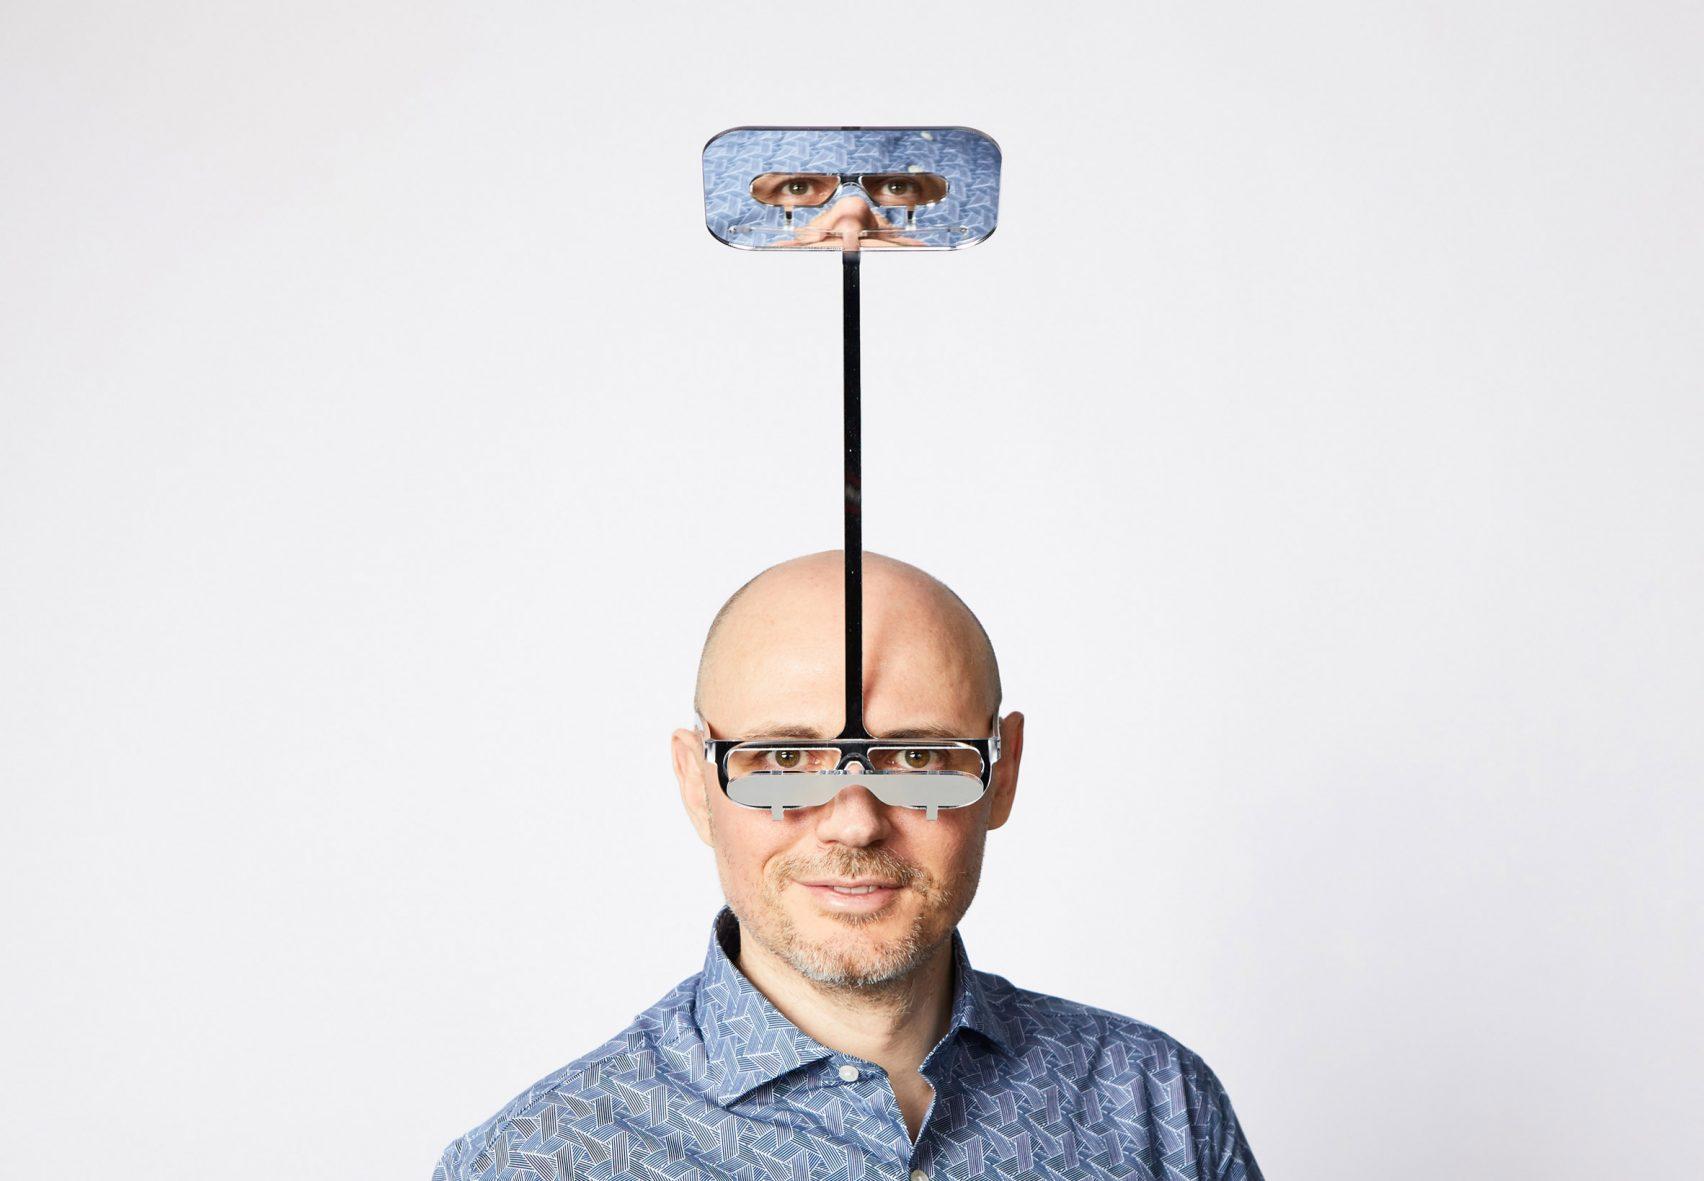 British designer, Dominic Wilcox creates periscope glasses for short people